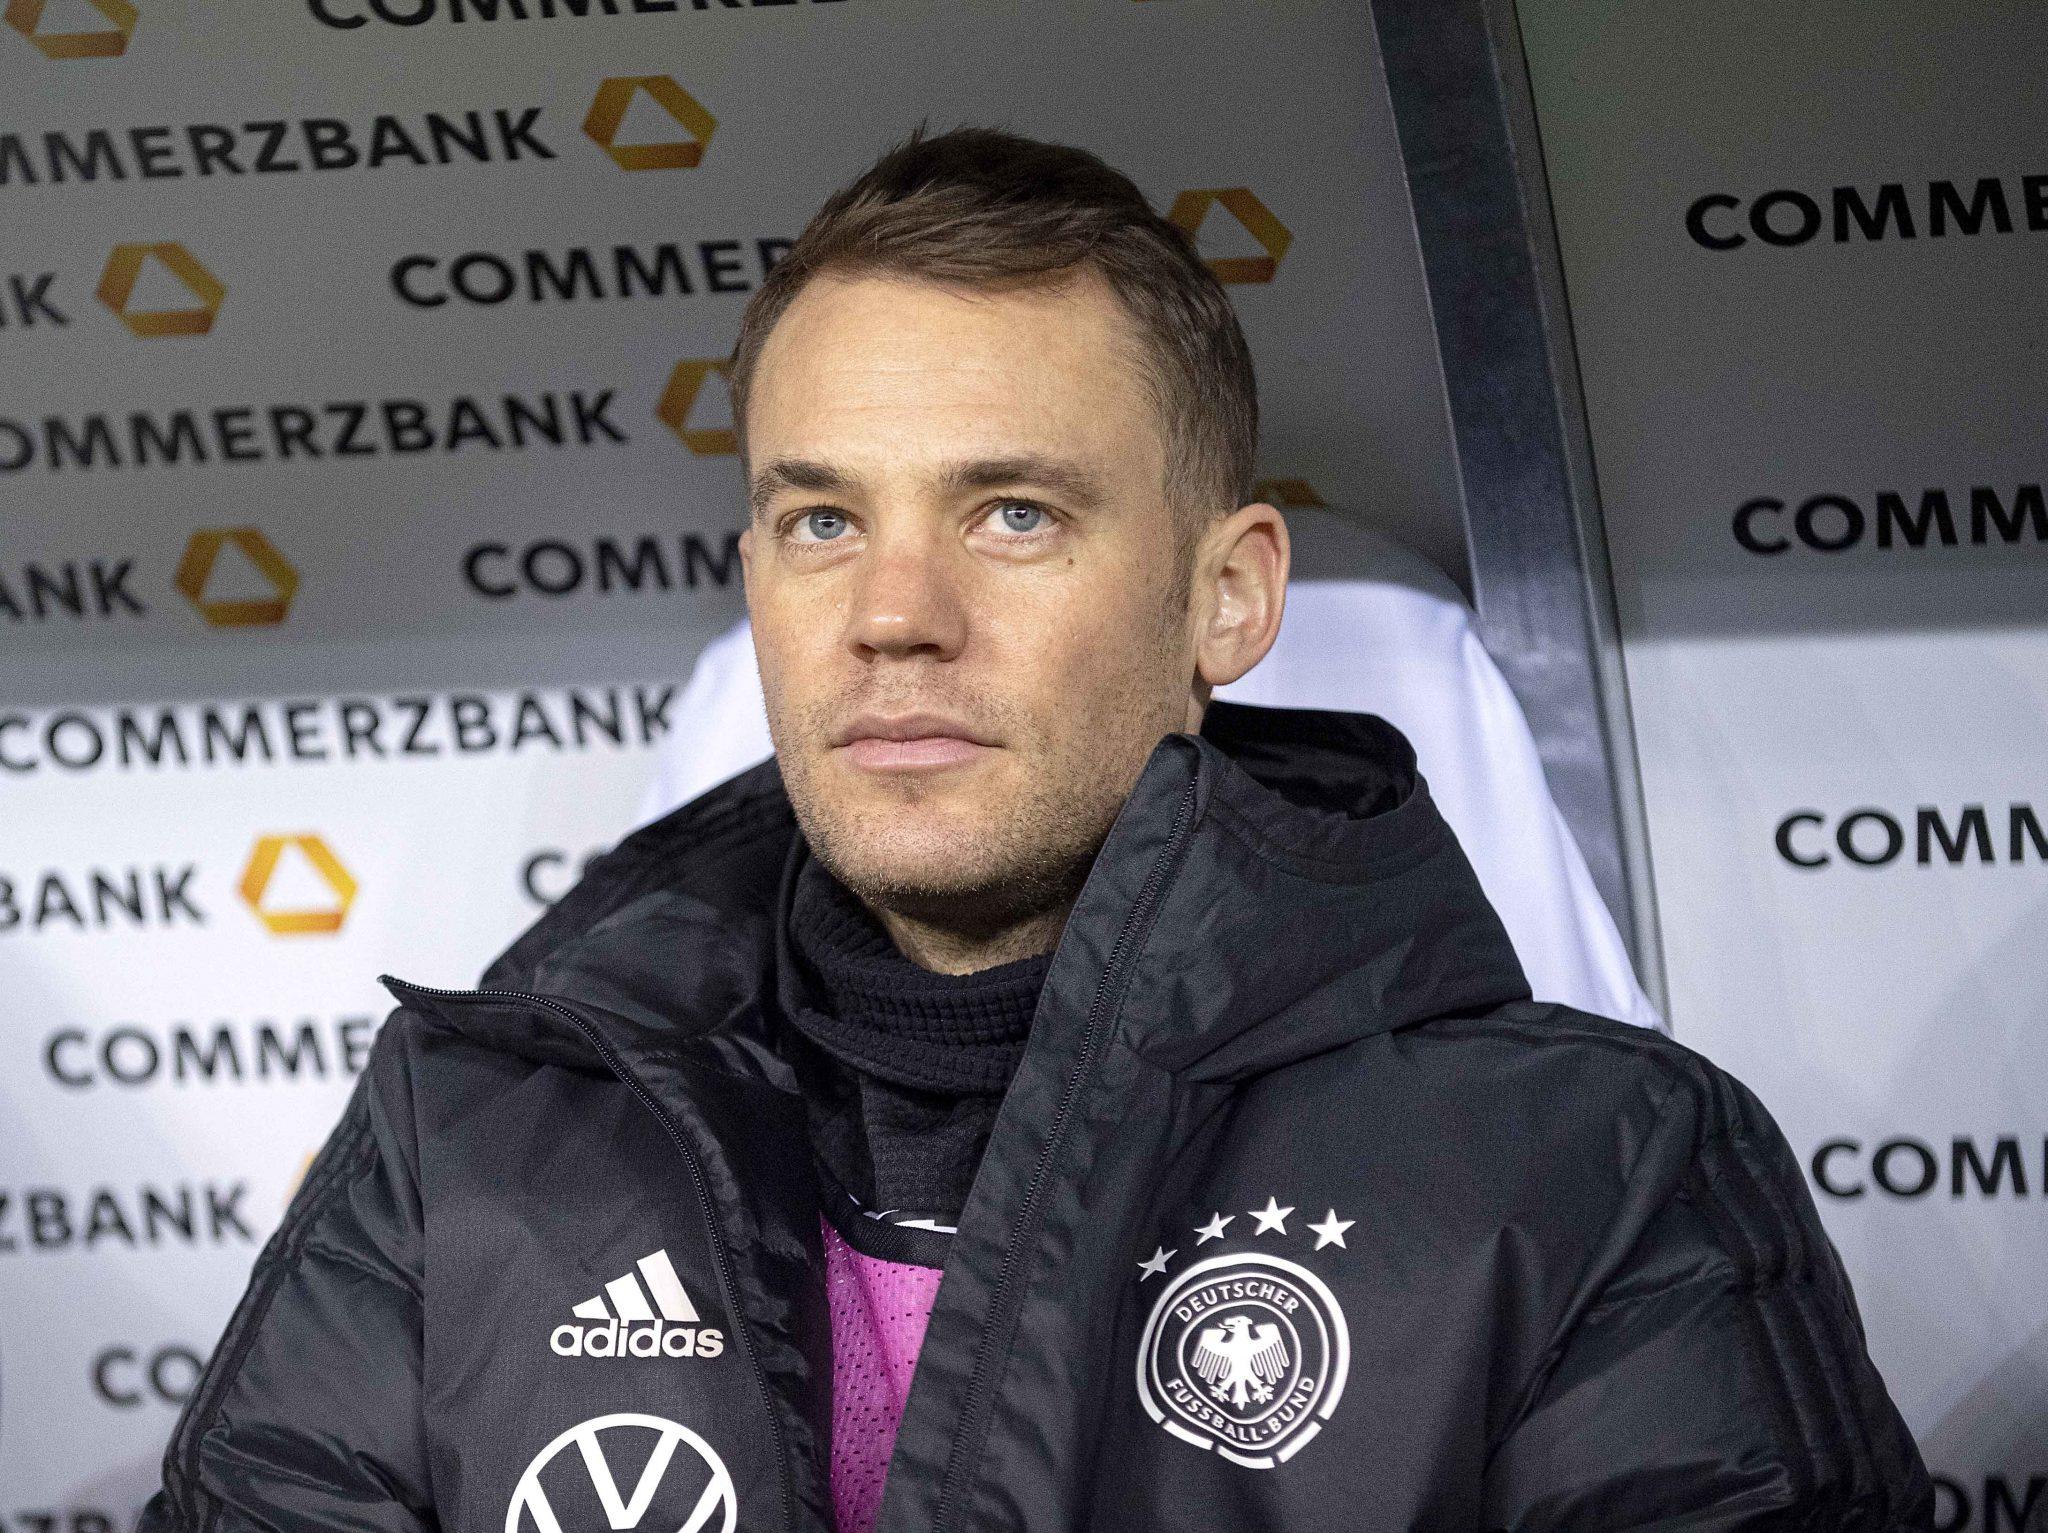 Der deutsche Fußballnationaltorwart Manuel Neuer steht wegen seines Gesangsvideos in der Kritik Foto: picture alliance / Sven Simon